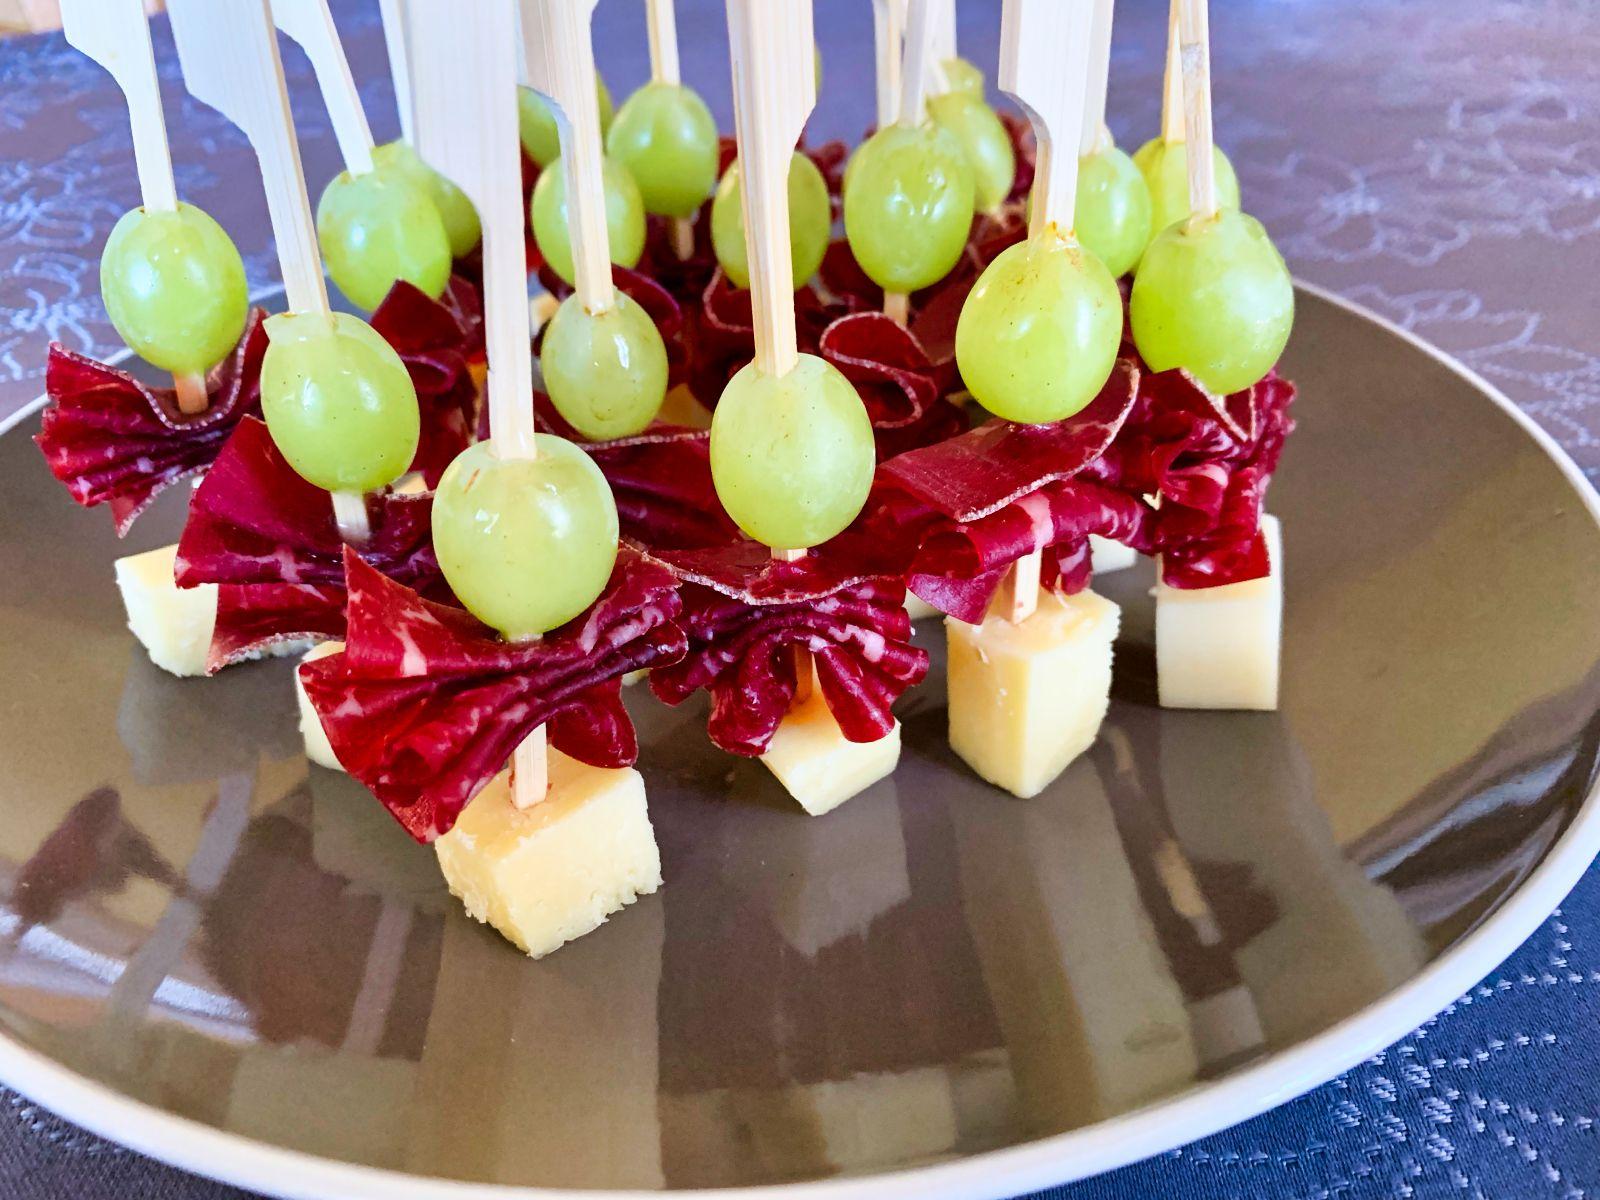 Recette de Brochettes raisin, comté, viande des grisons | Cuisine Blog